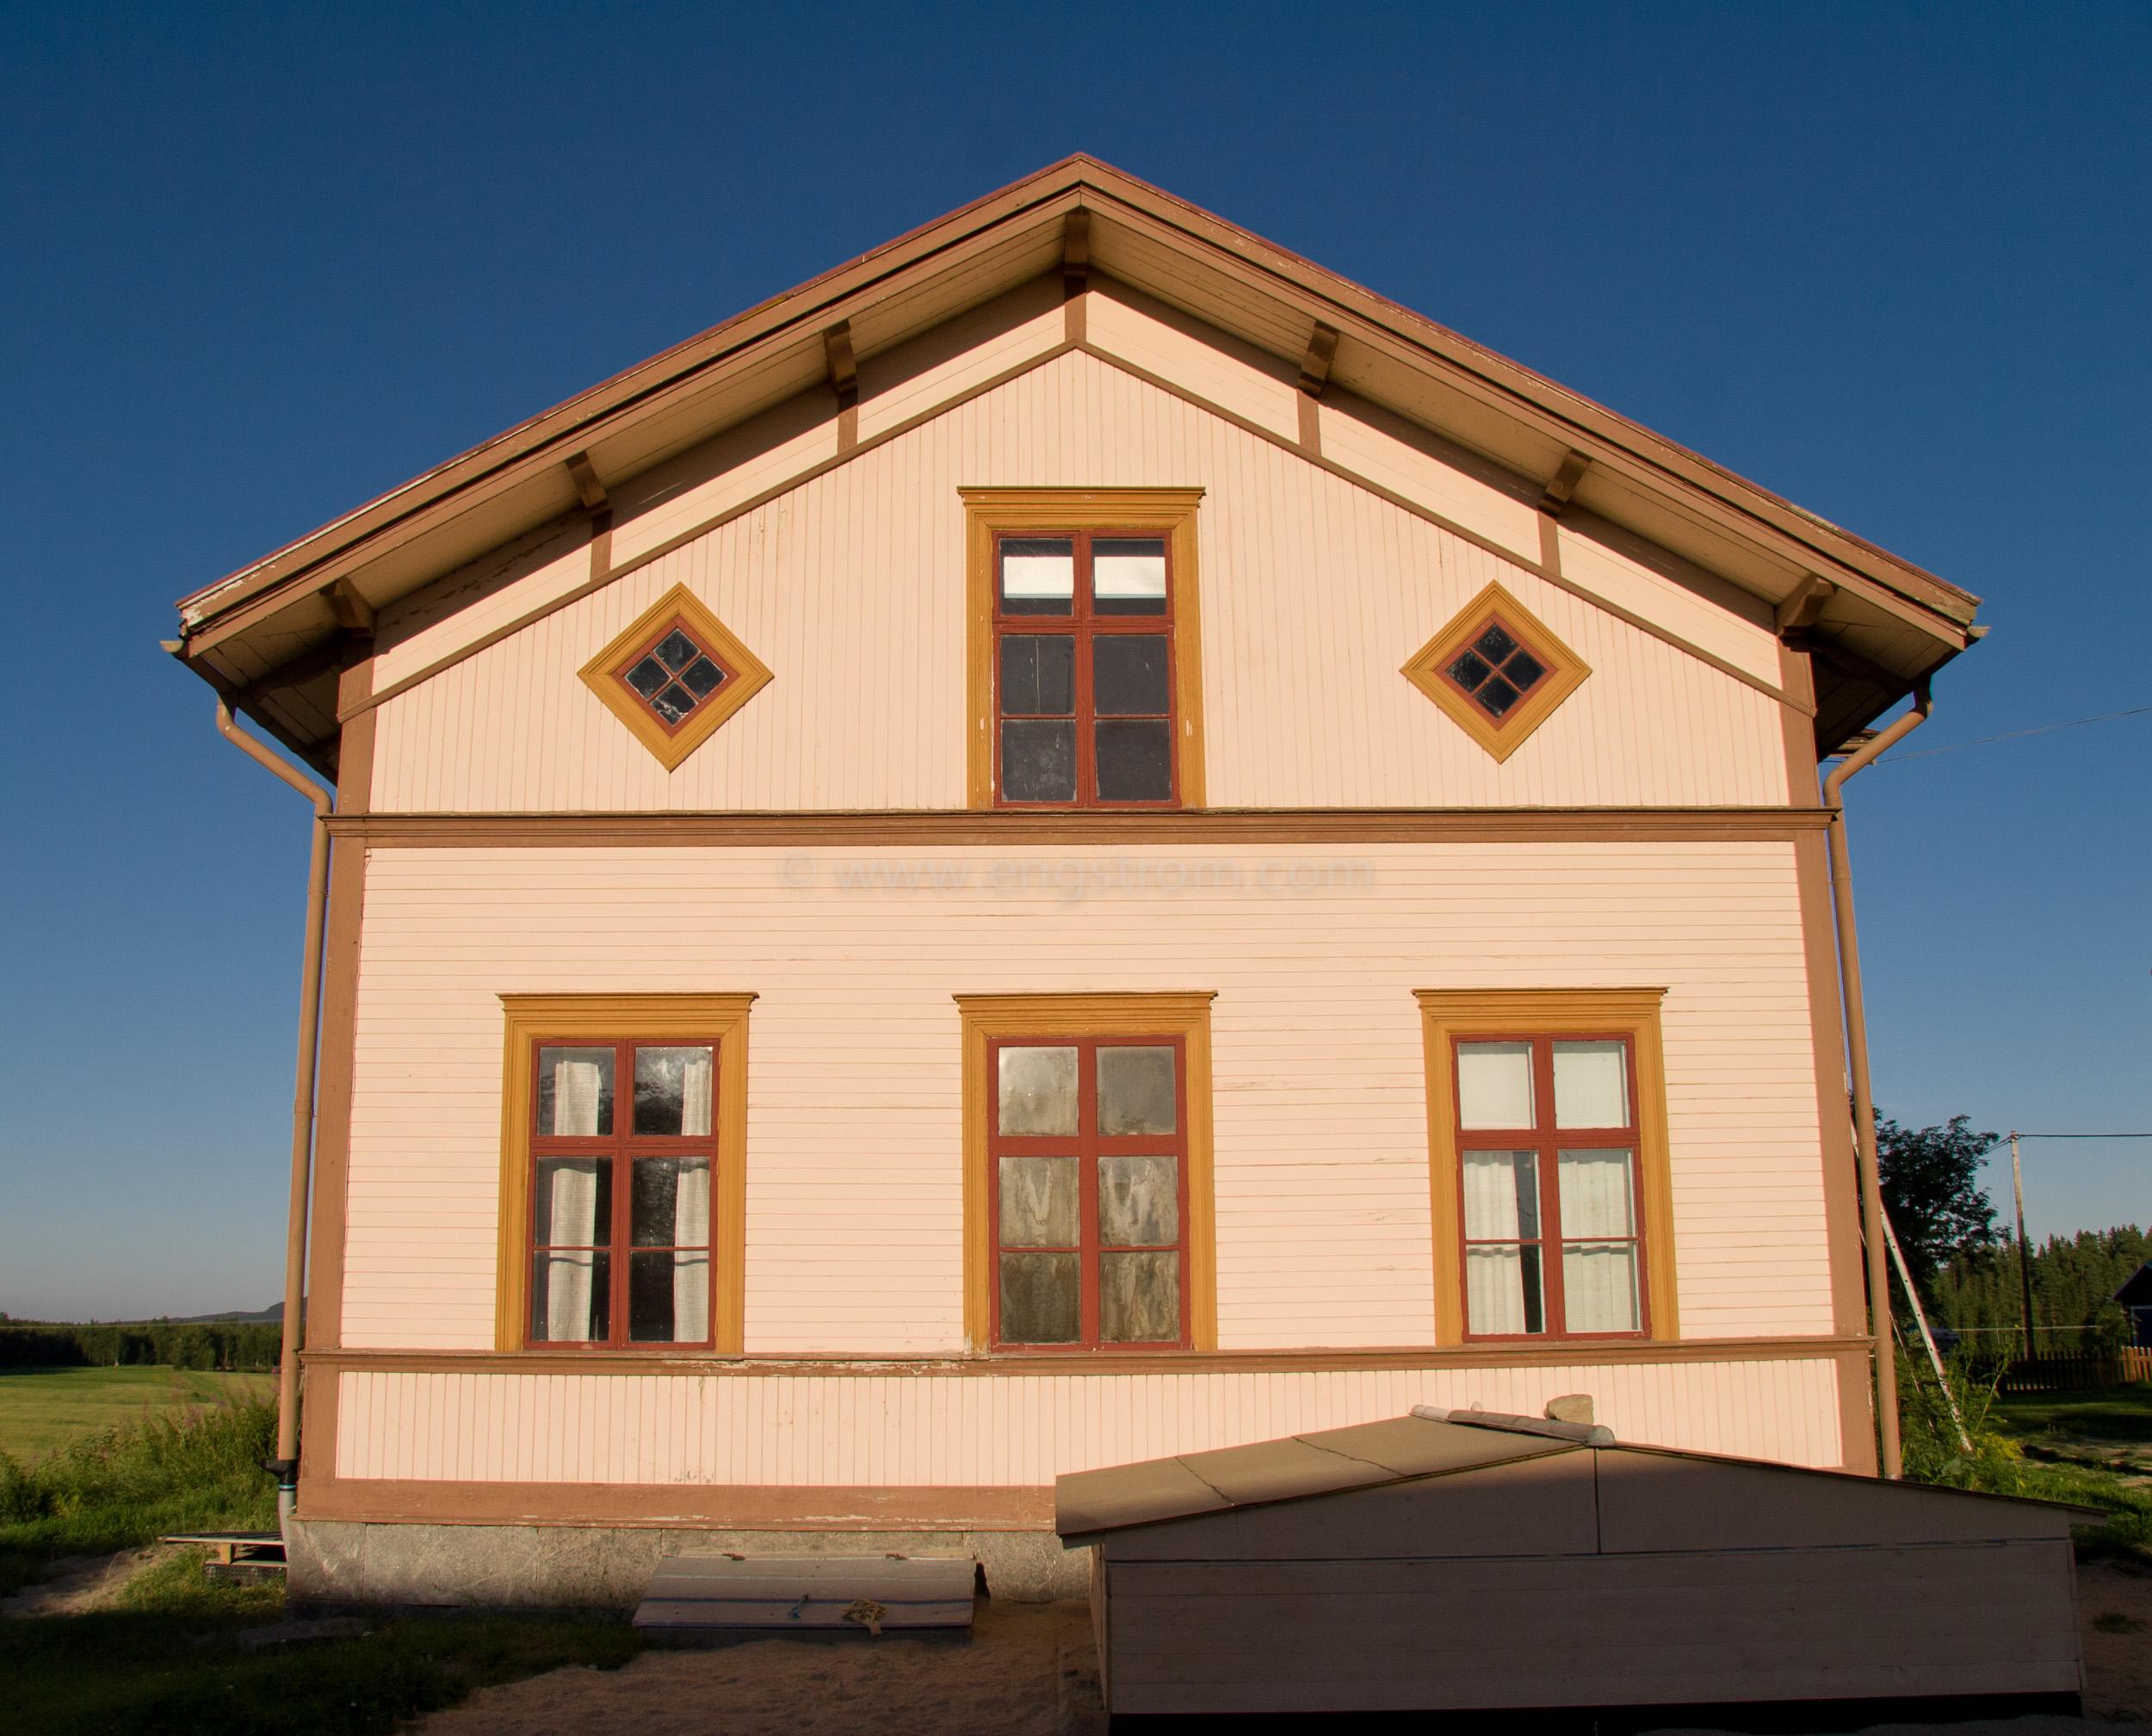 JE_17896, Vacker manngårdsbyggnad, Jonas Engström